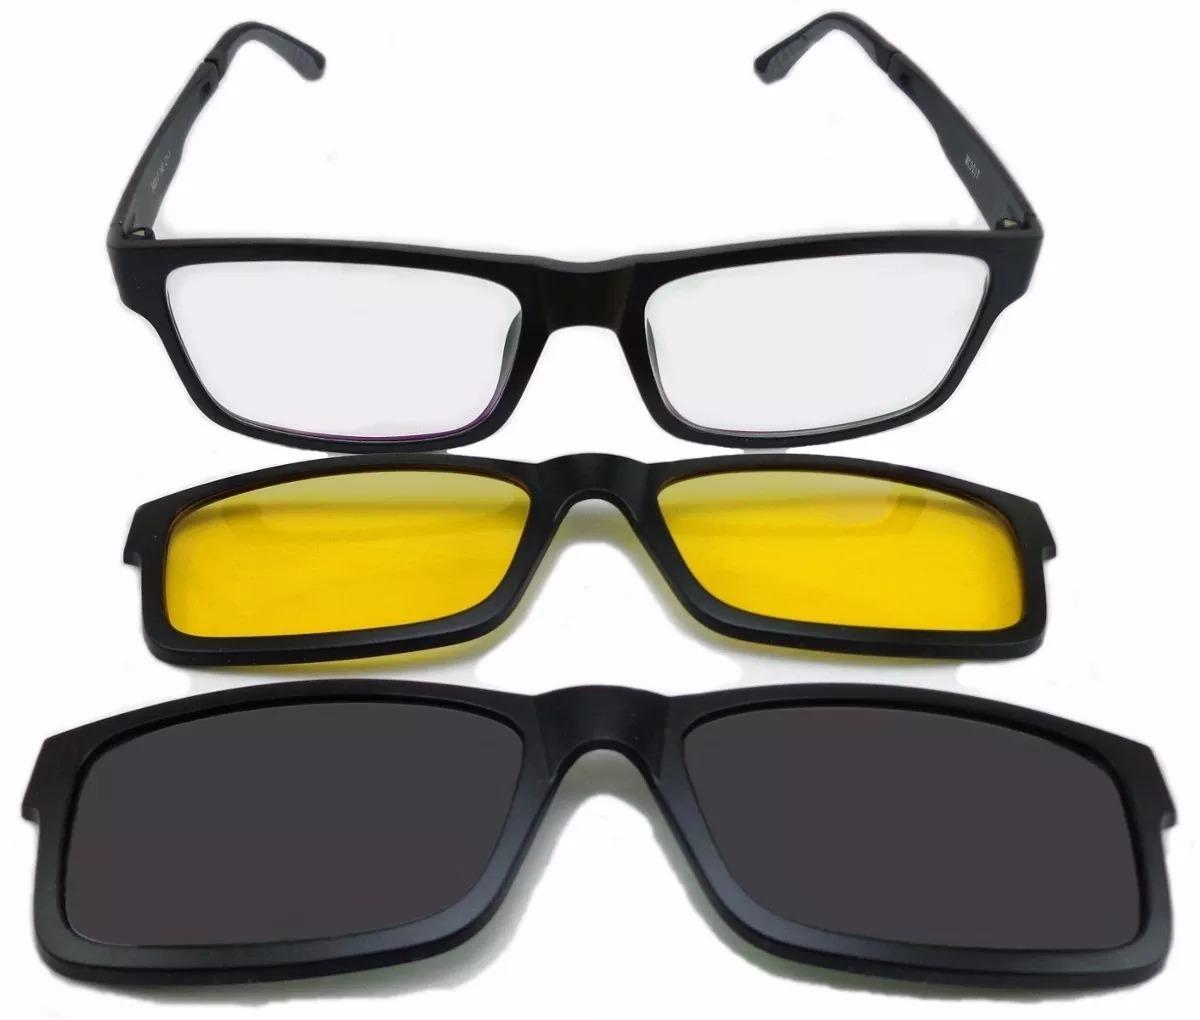 7953ec10ed992 Armação Óculos R + 2 Clipons Masculino E Feminino - R  109,00 em ...